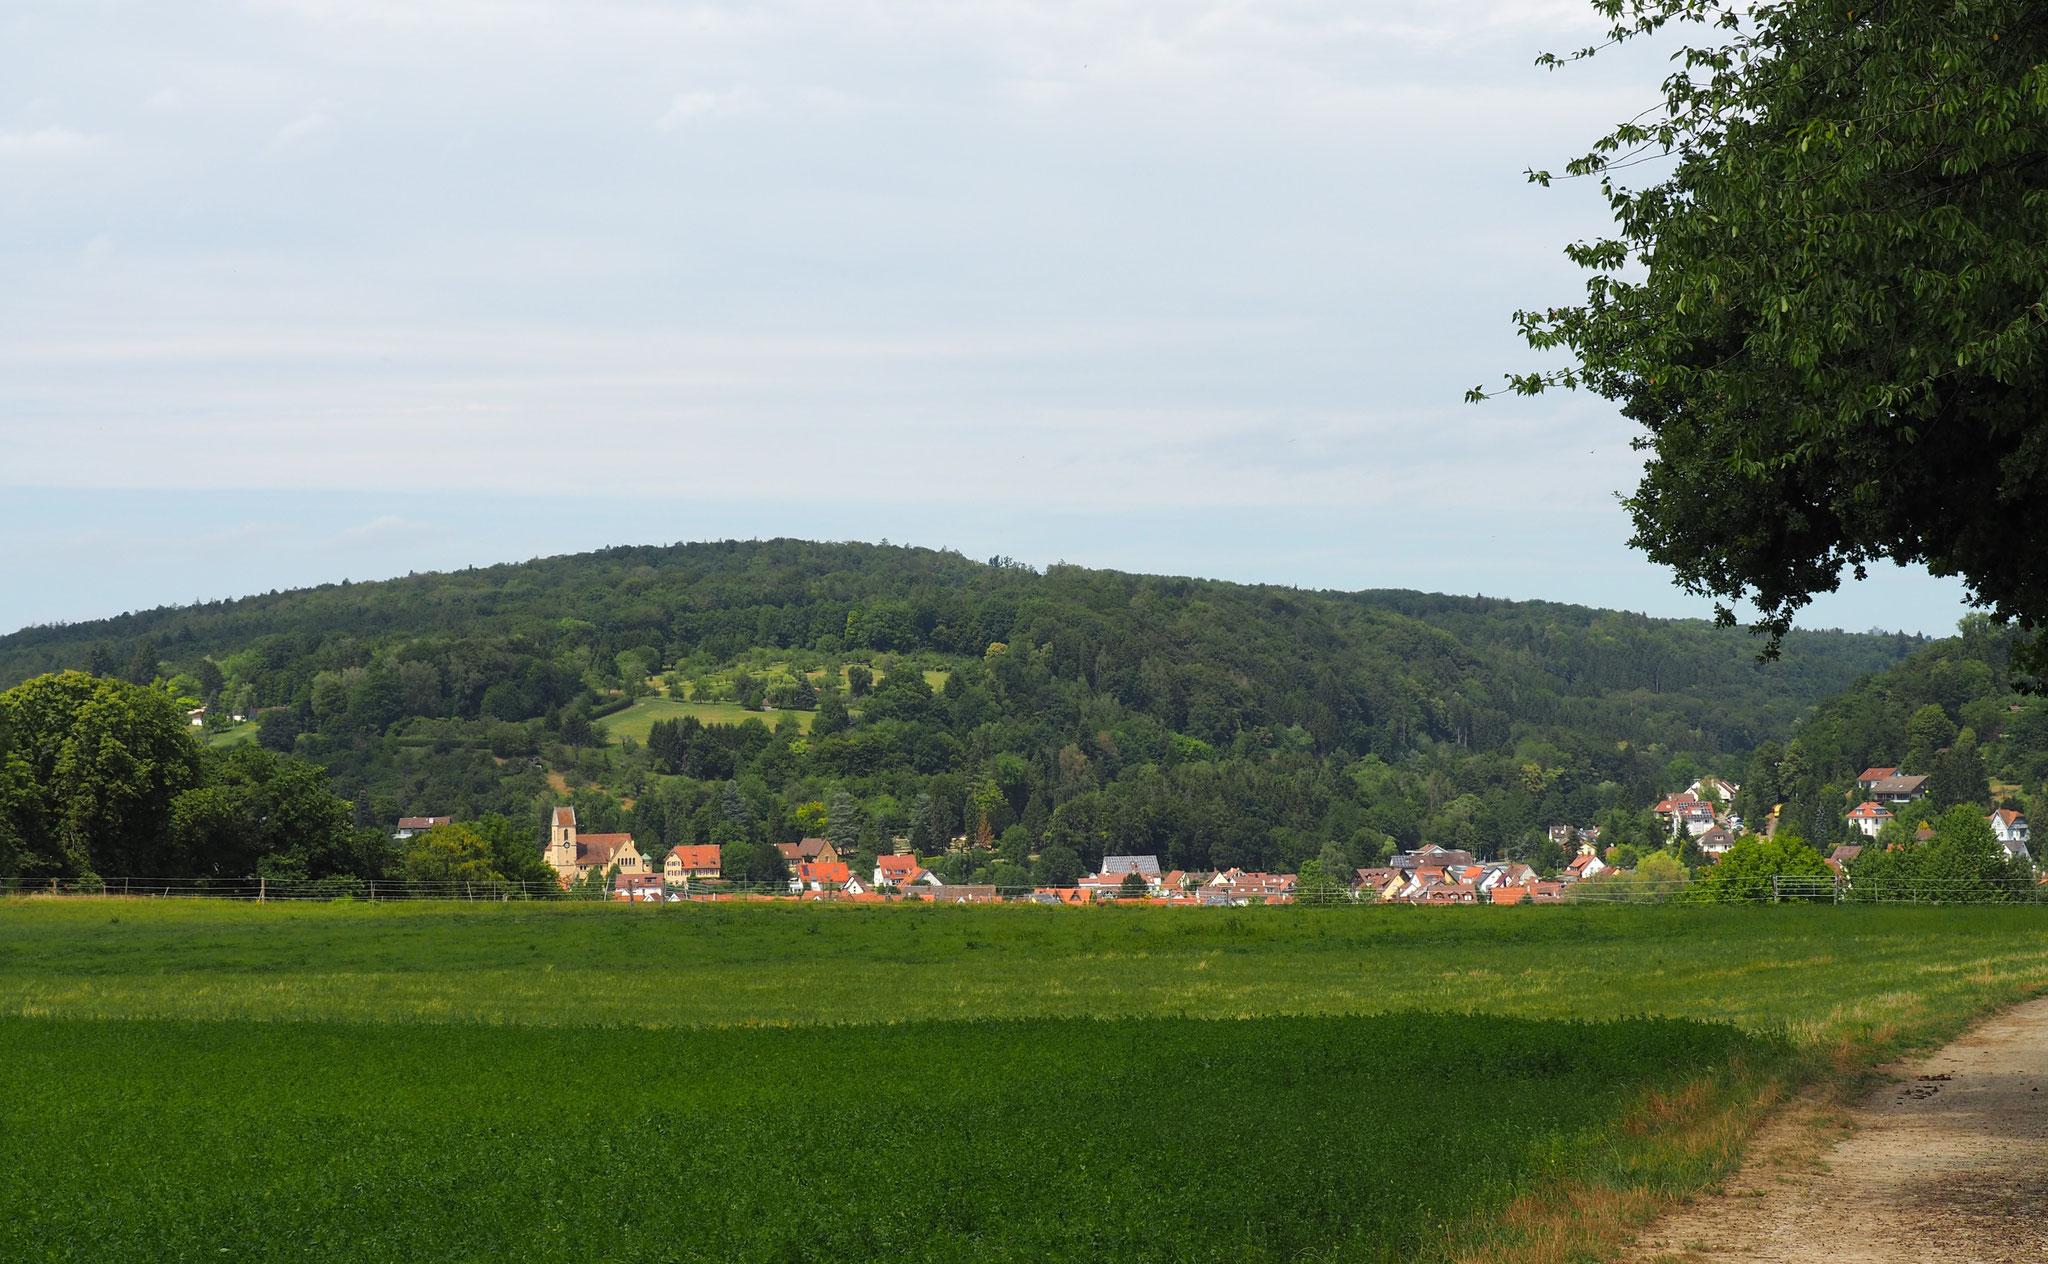 Auch bei wenig Regen liegt unser Reichenbach im grünen Bereich.